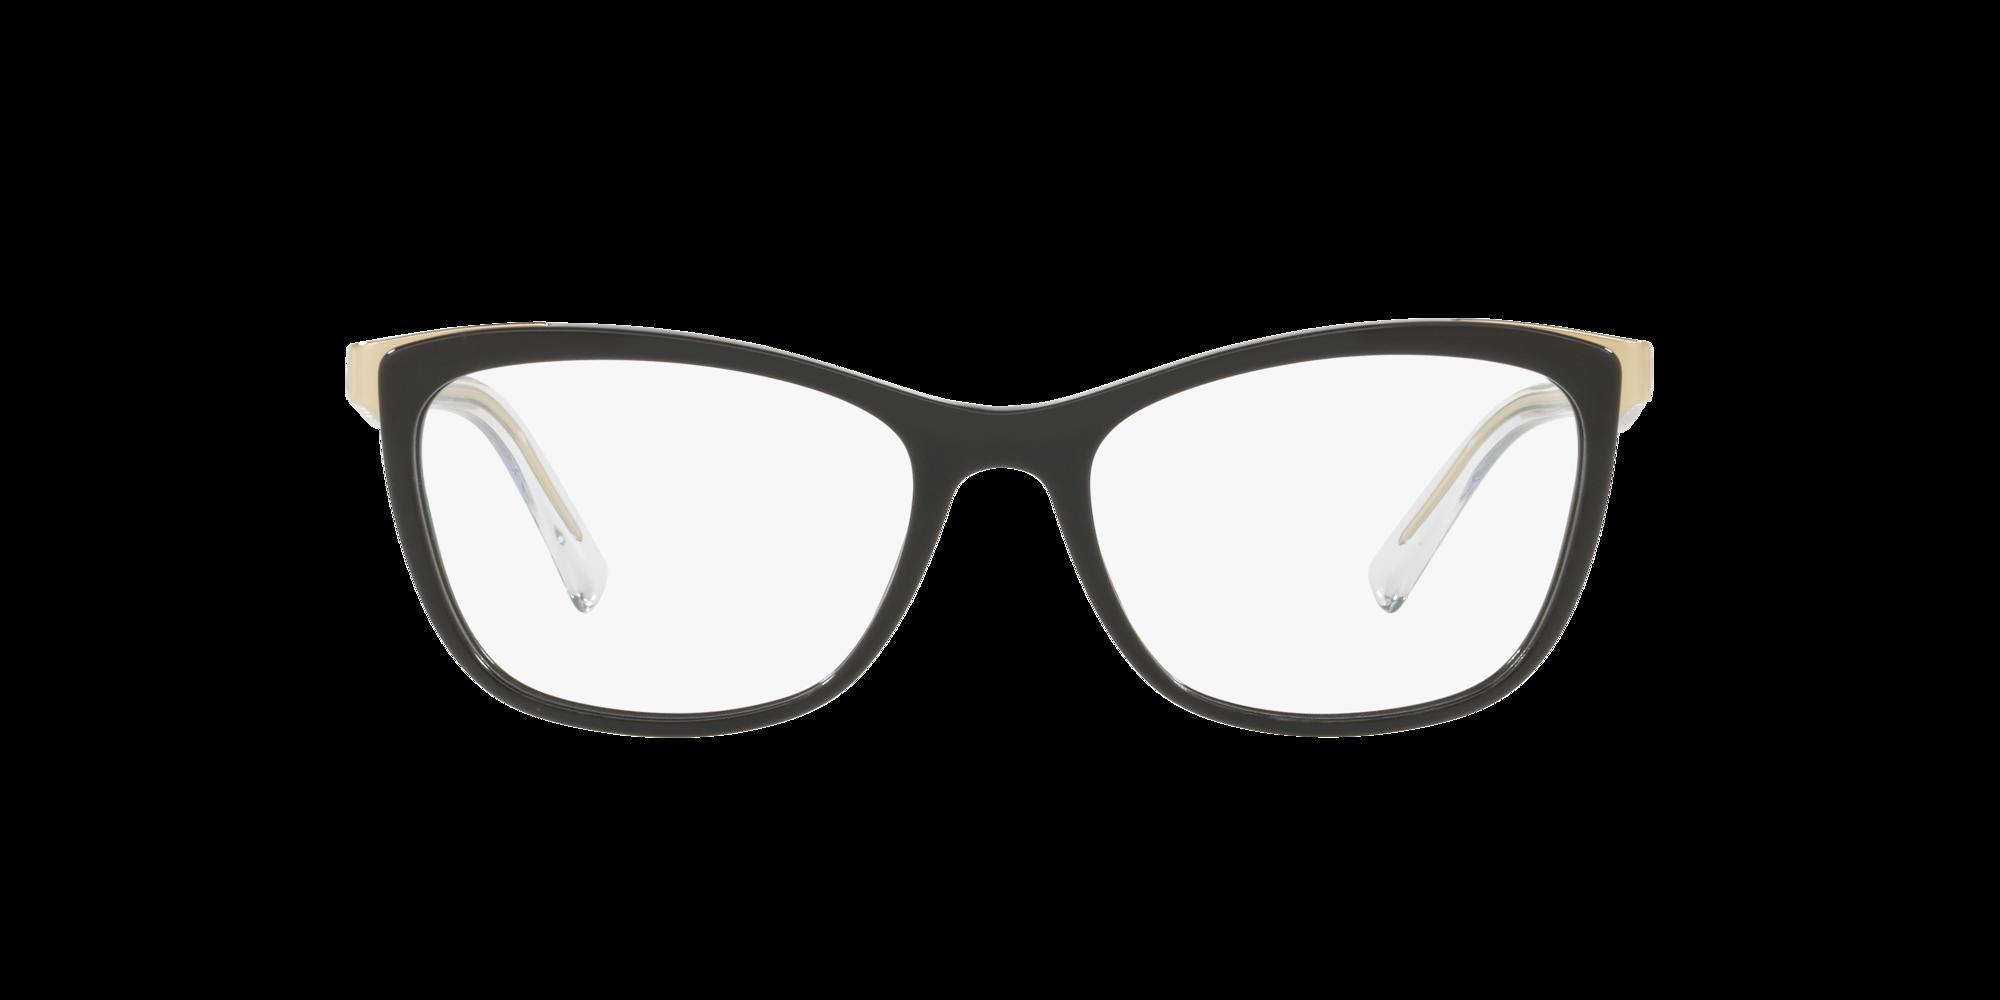 Imagen para VE3255 de LensCrafters |  Espejuelos, espejuelos graduados en línea, gafas